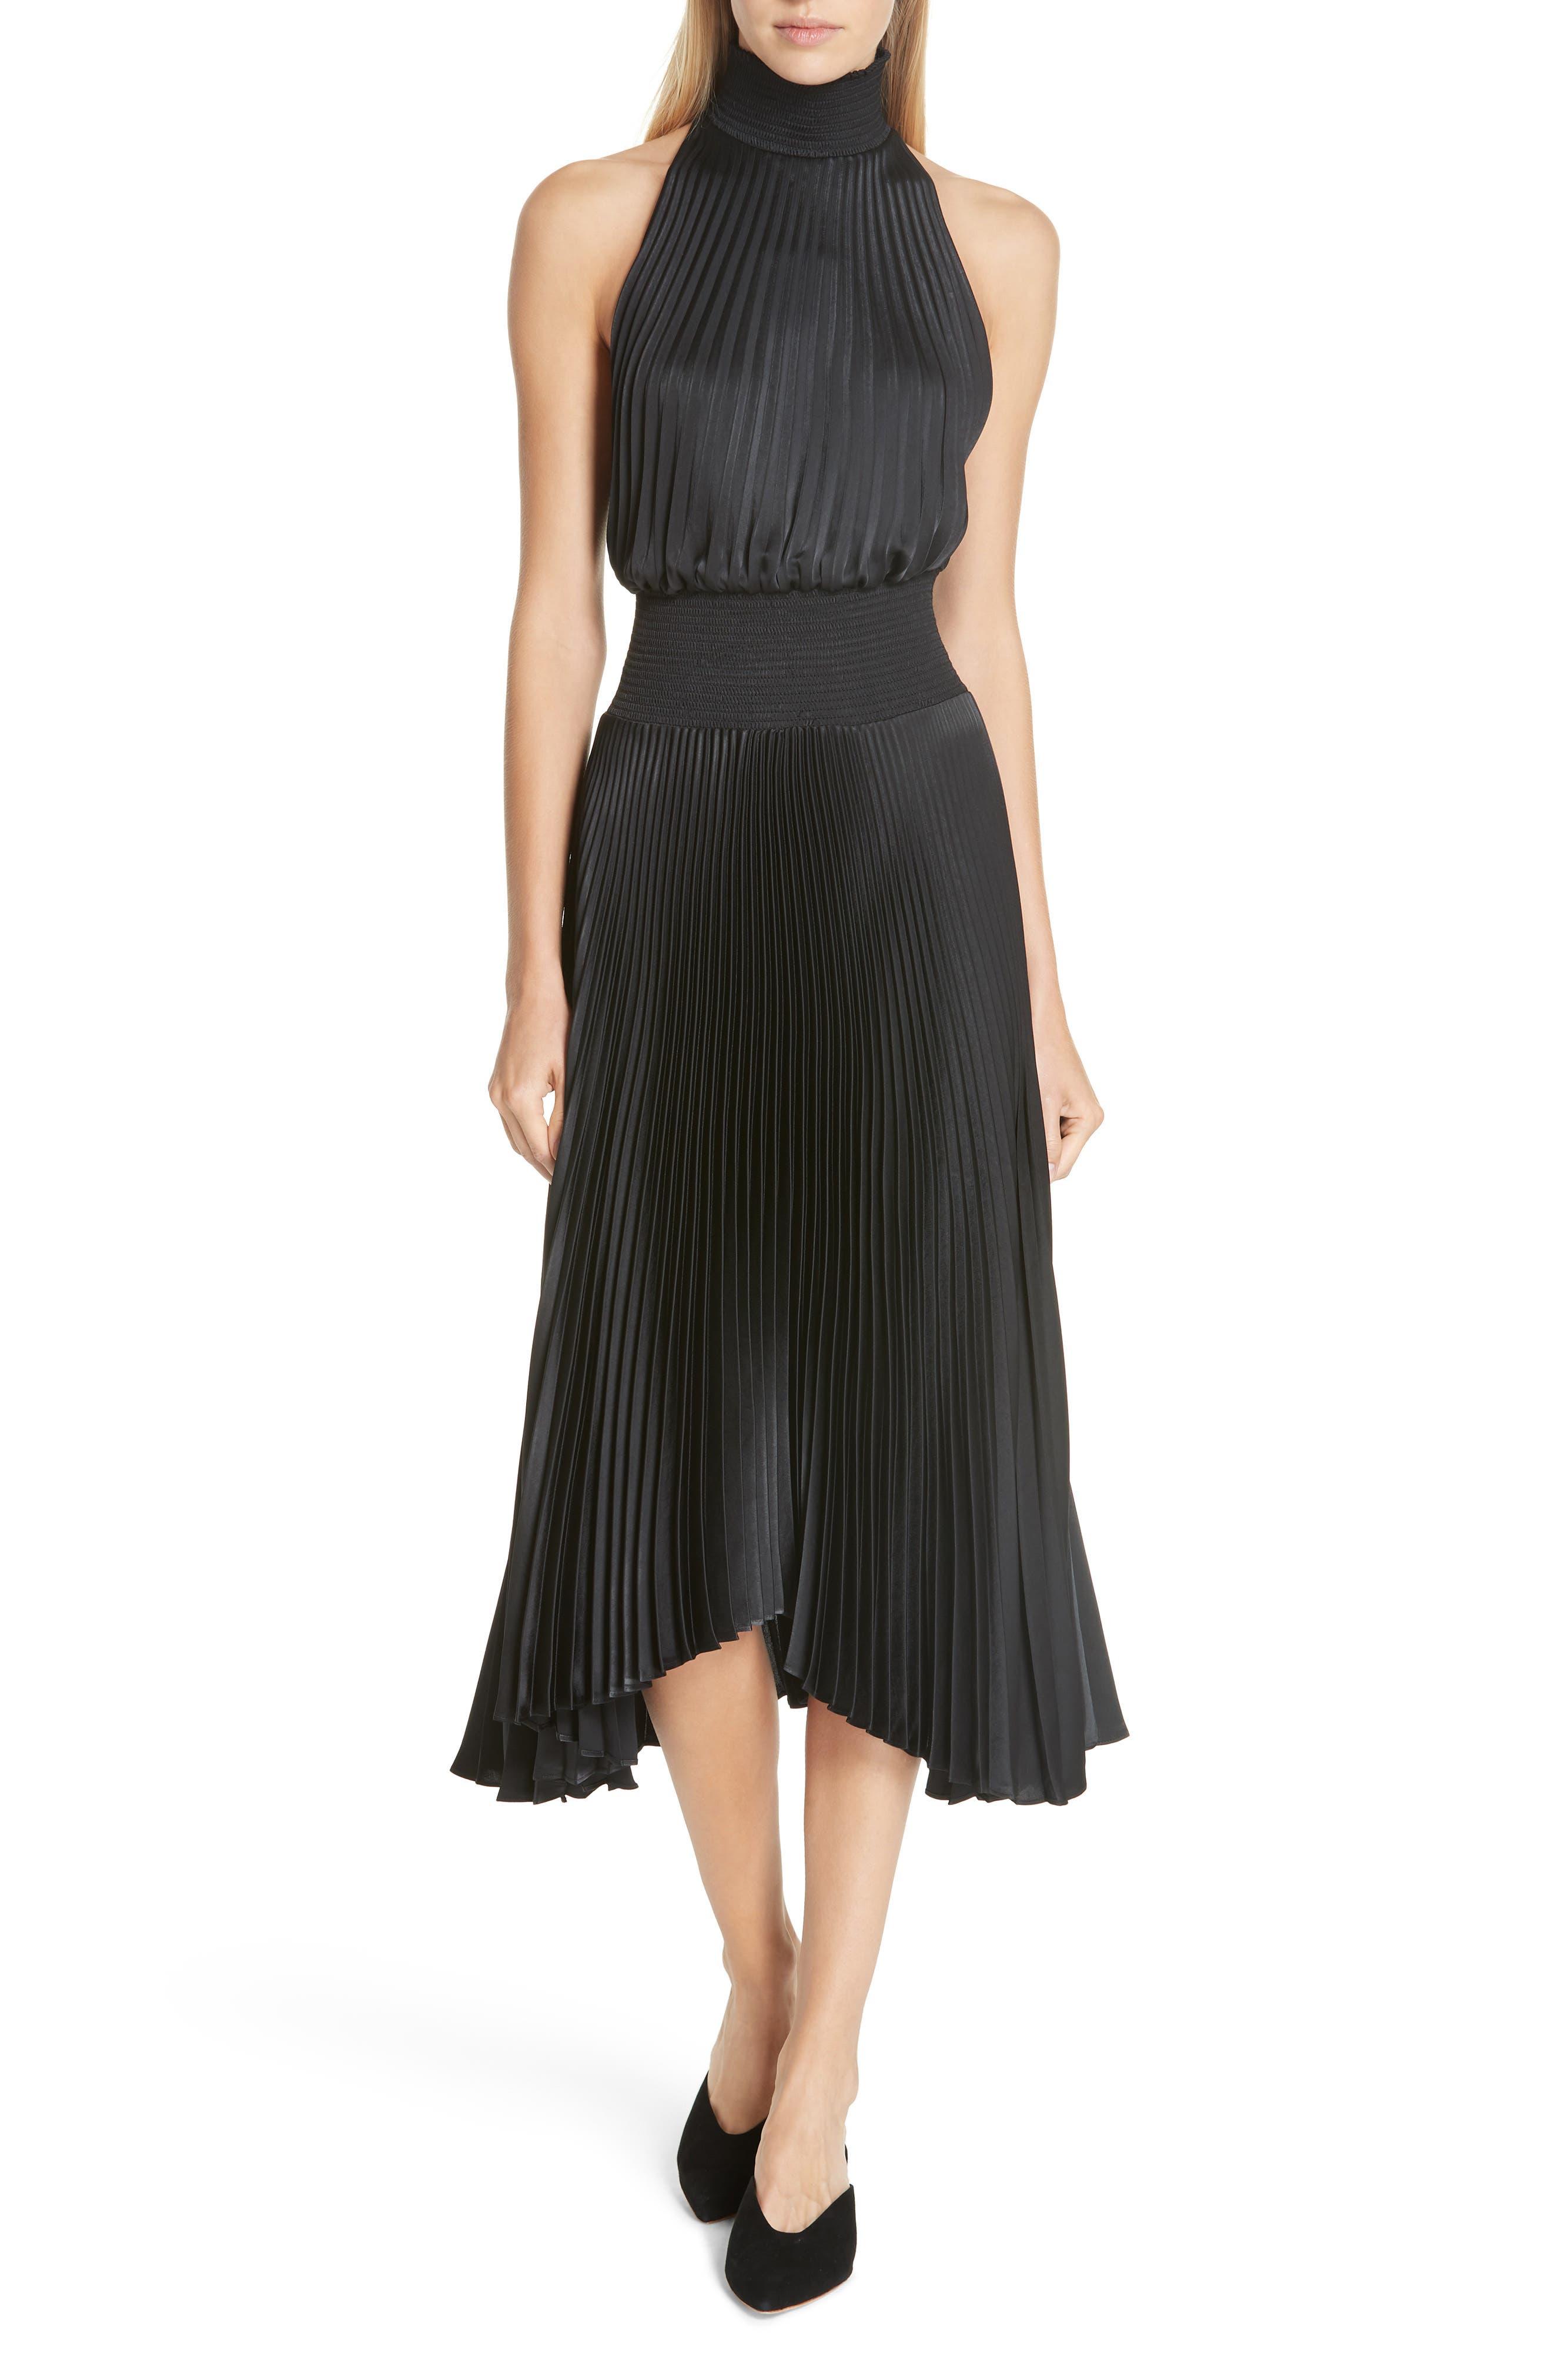 A.l.c. Renzo Pleated Dress, Black